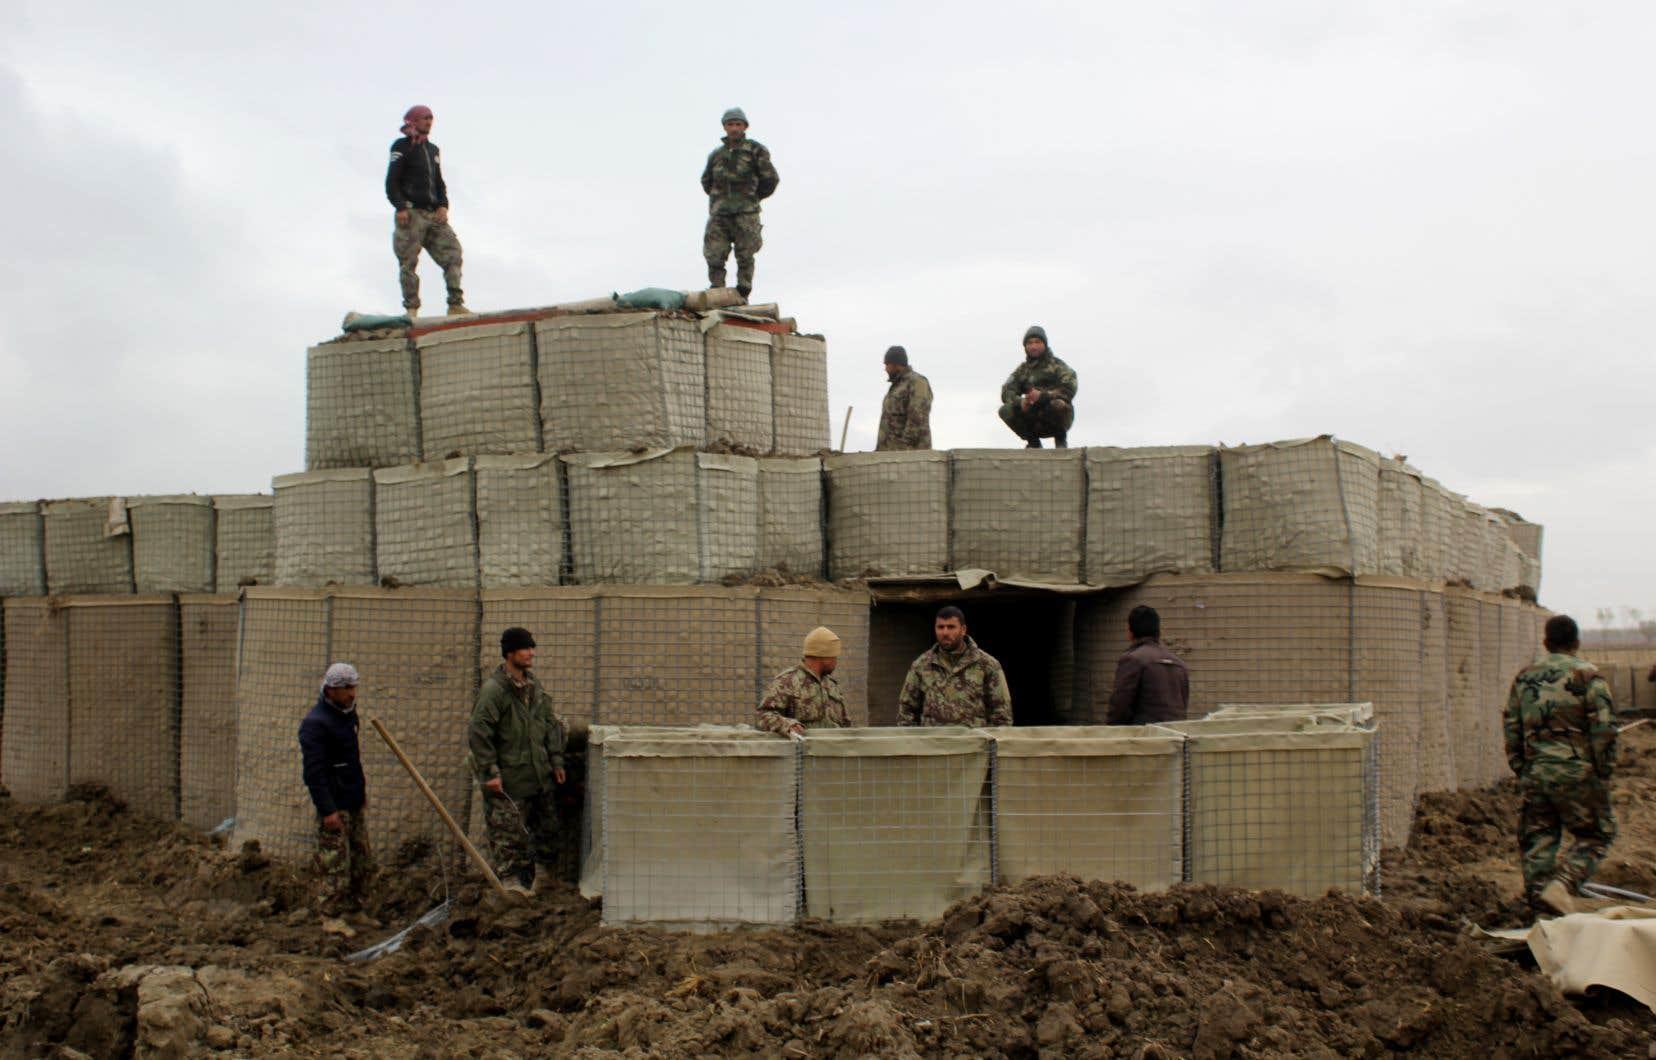 Au moins 24 policiers et soldats ont été tués par des insurgés infiltrés dans la police, et quatre membres des forces de sécurité sont portés disparus.